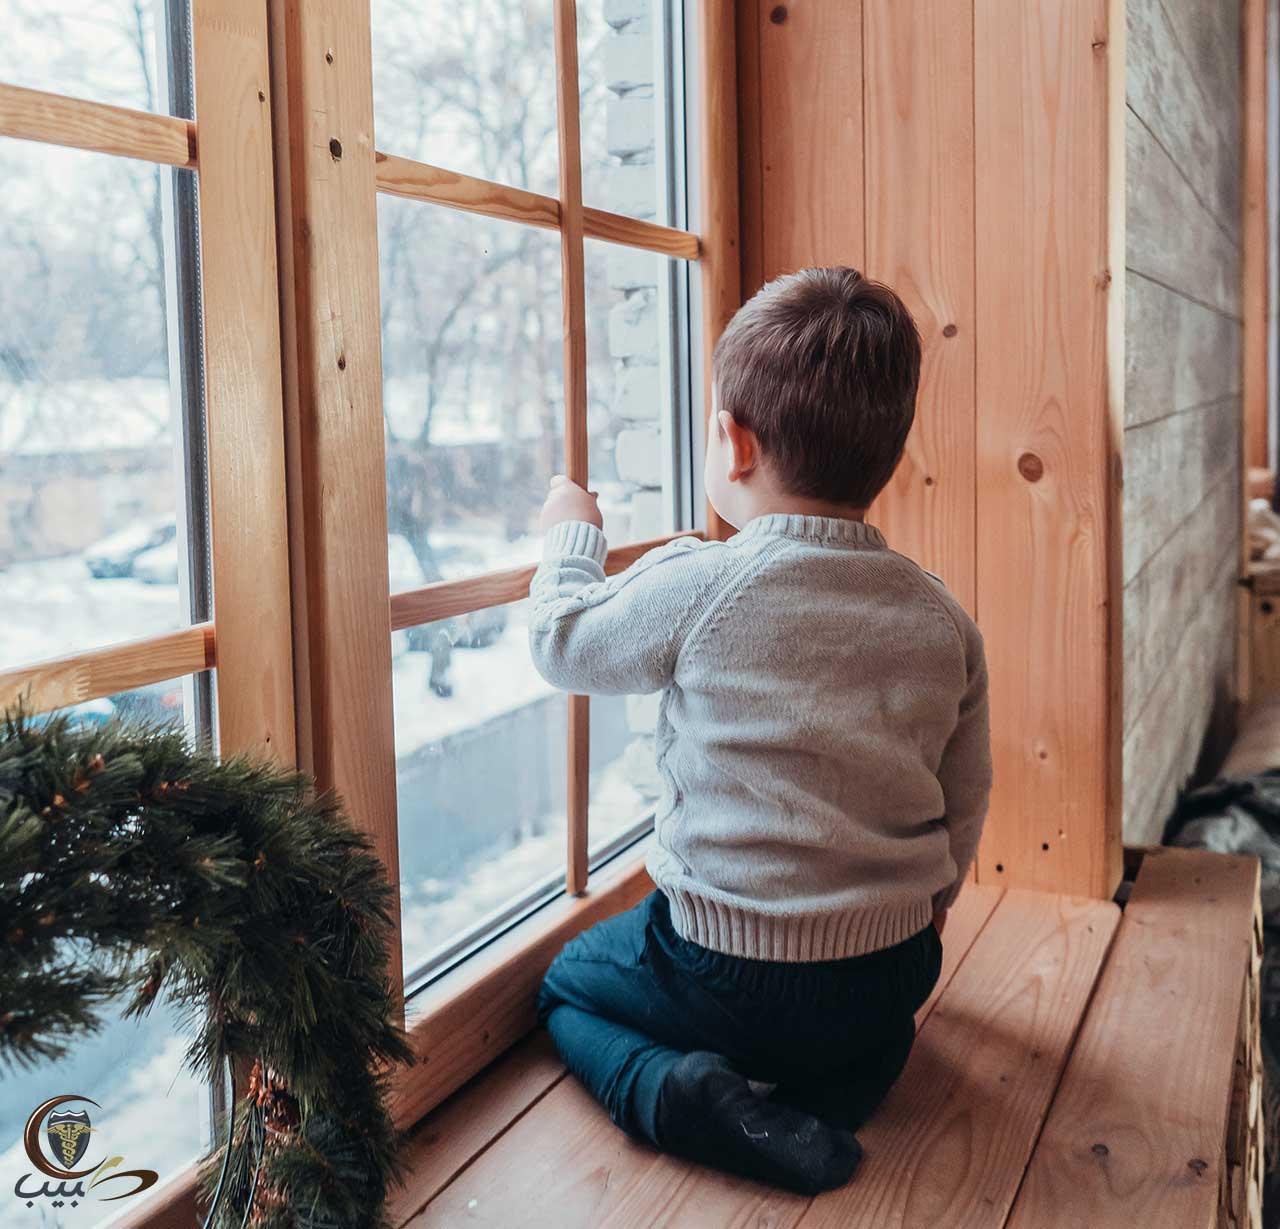 حماية الطفل من السقوط من أعلى الأشياء